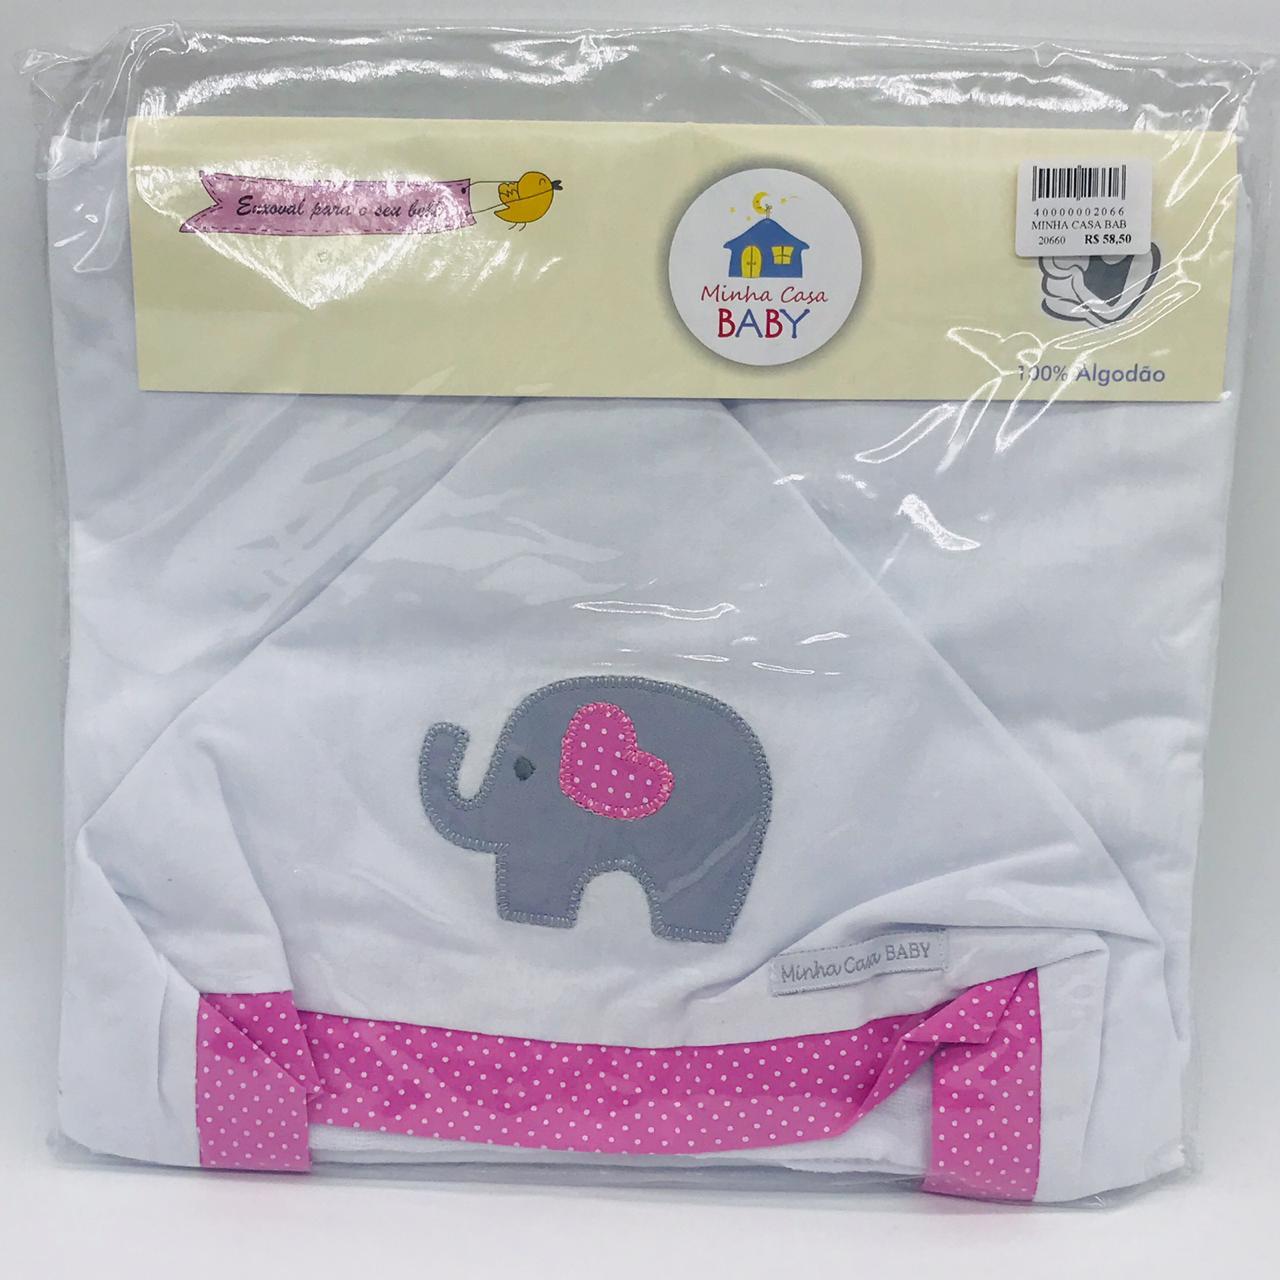 Toalha C/capuz Malha Elefante Poa Rosa - m c Baby  Ref Tbc2042